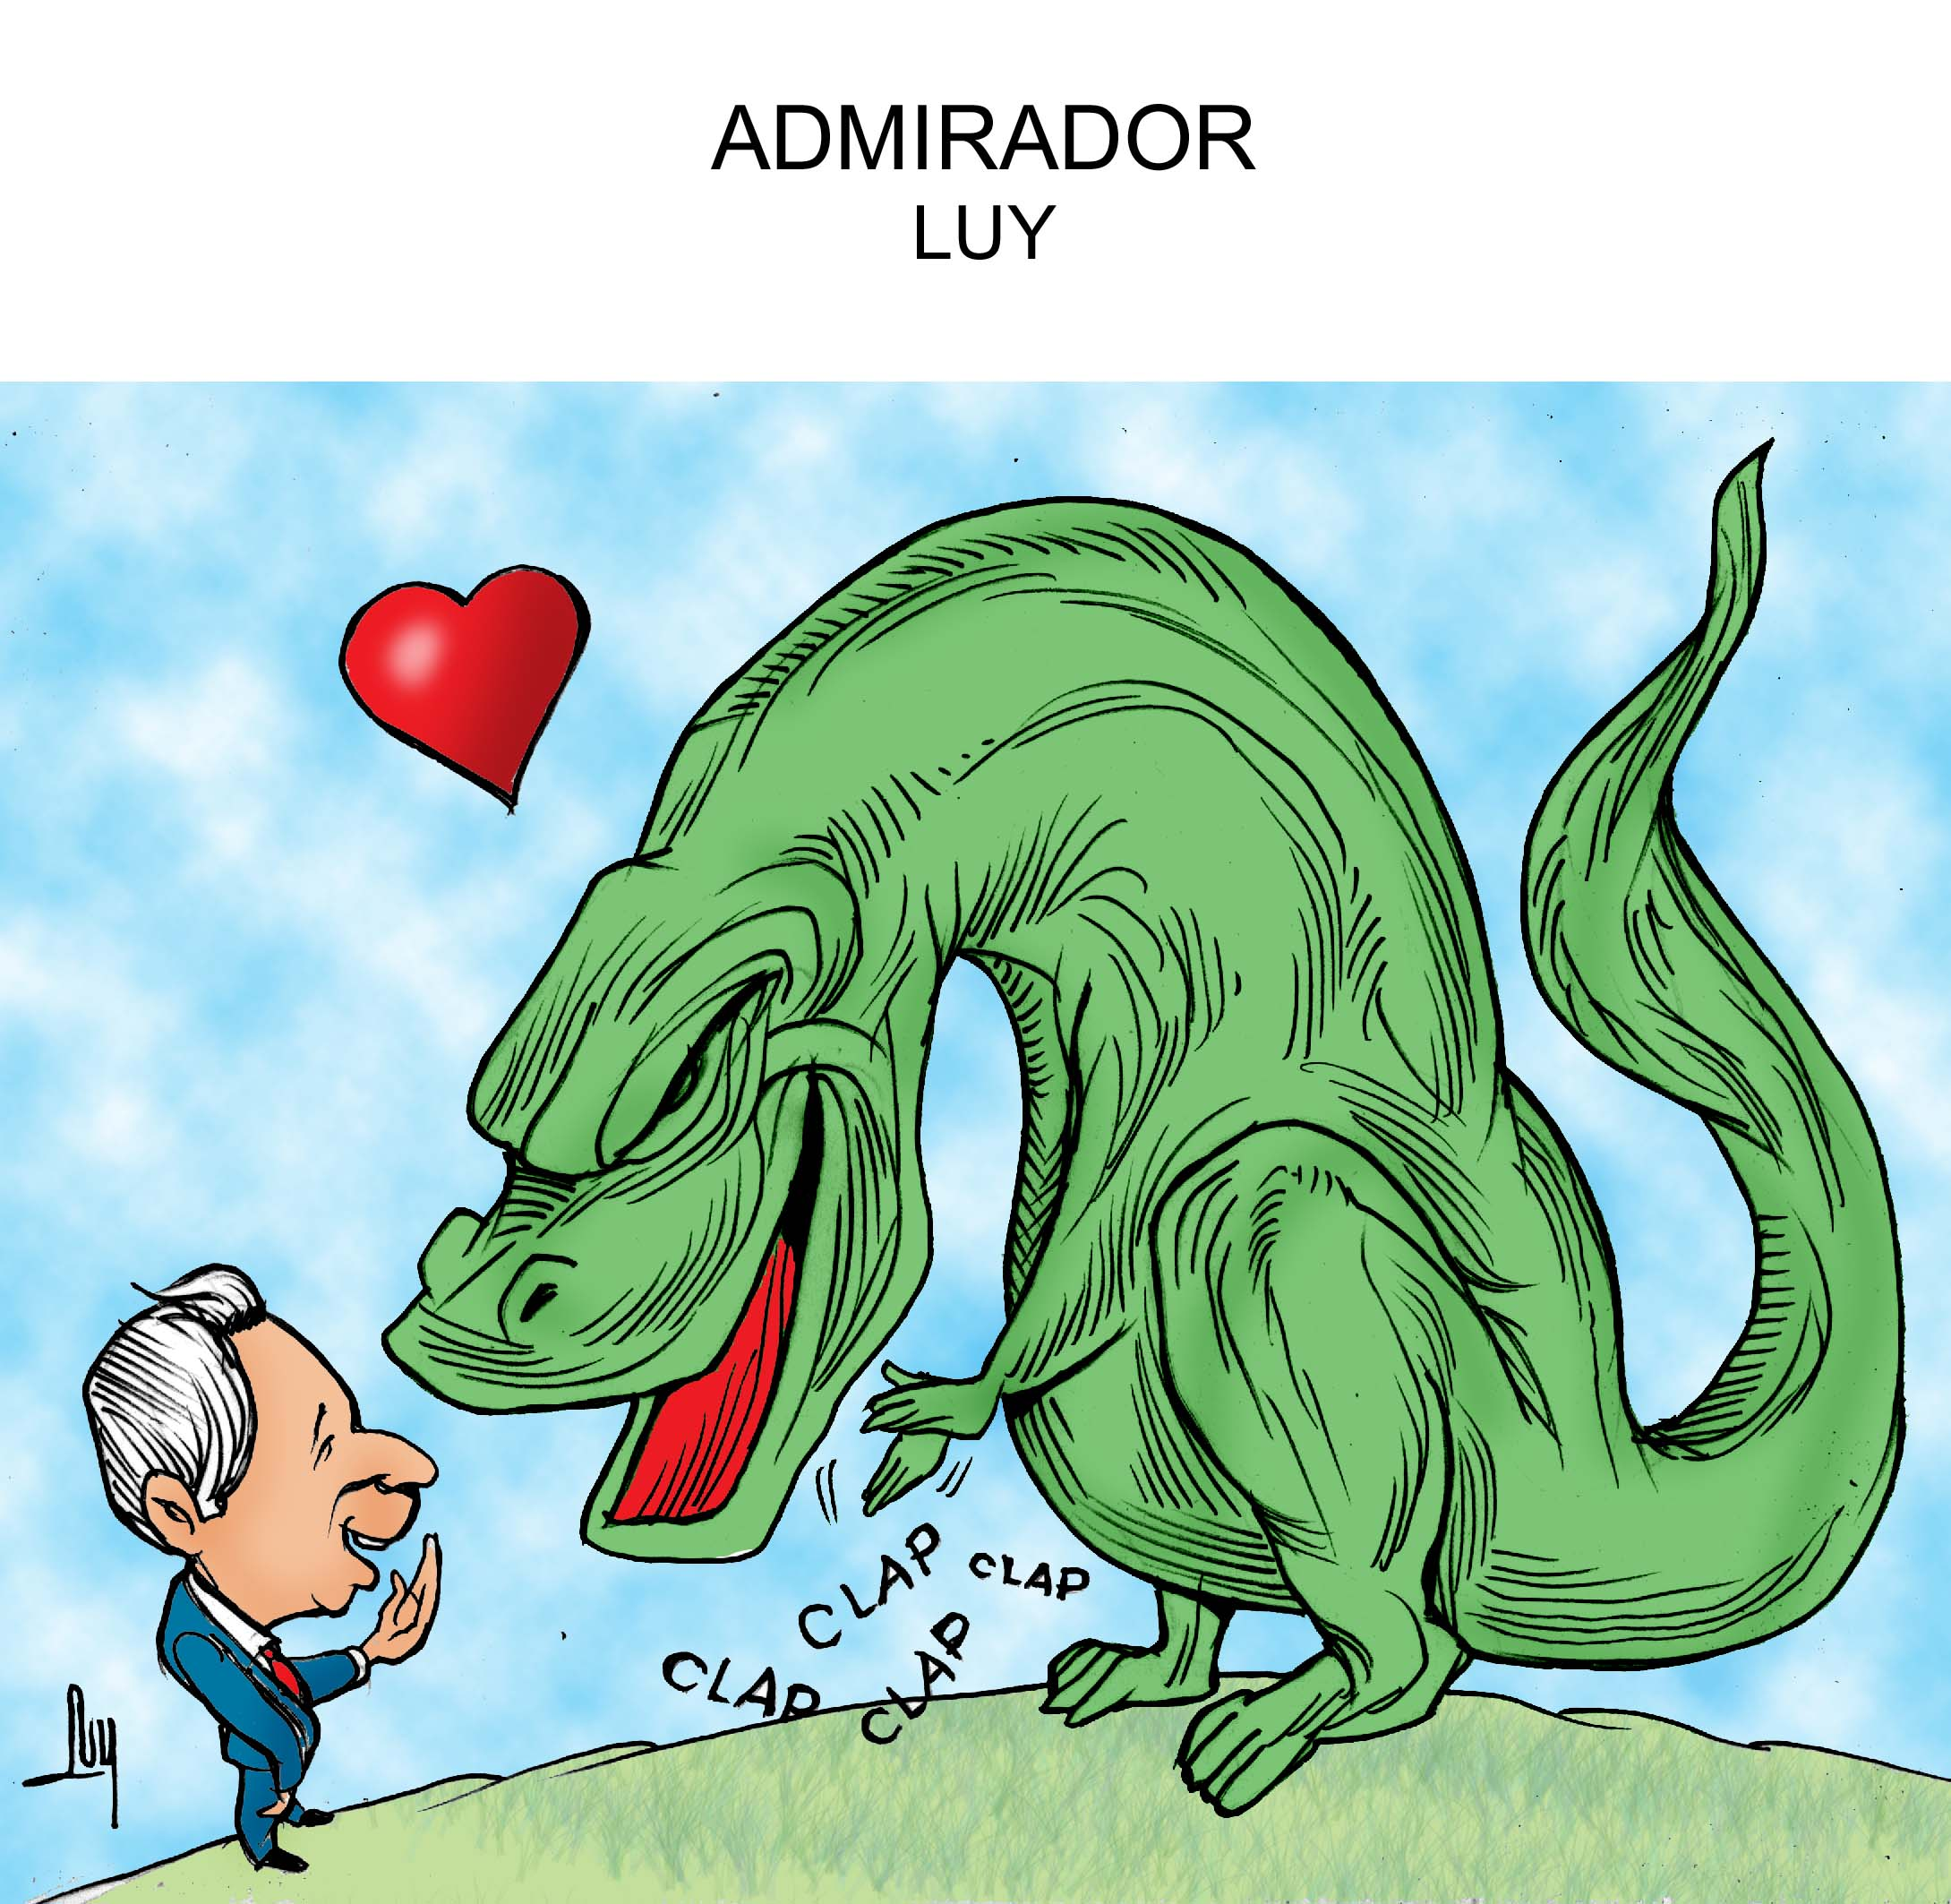 admirador